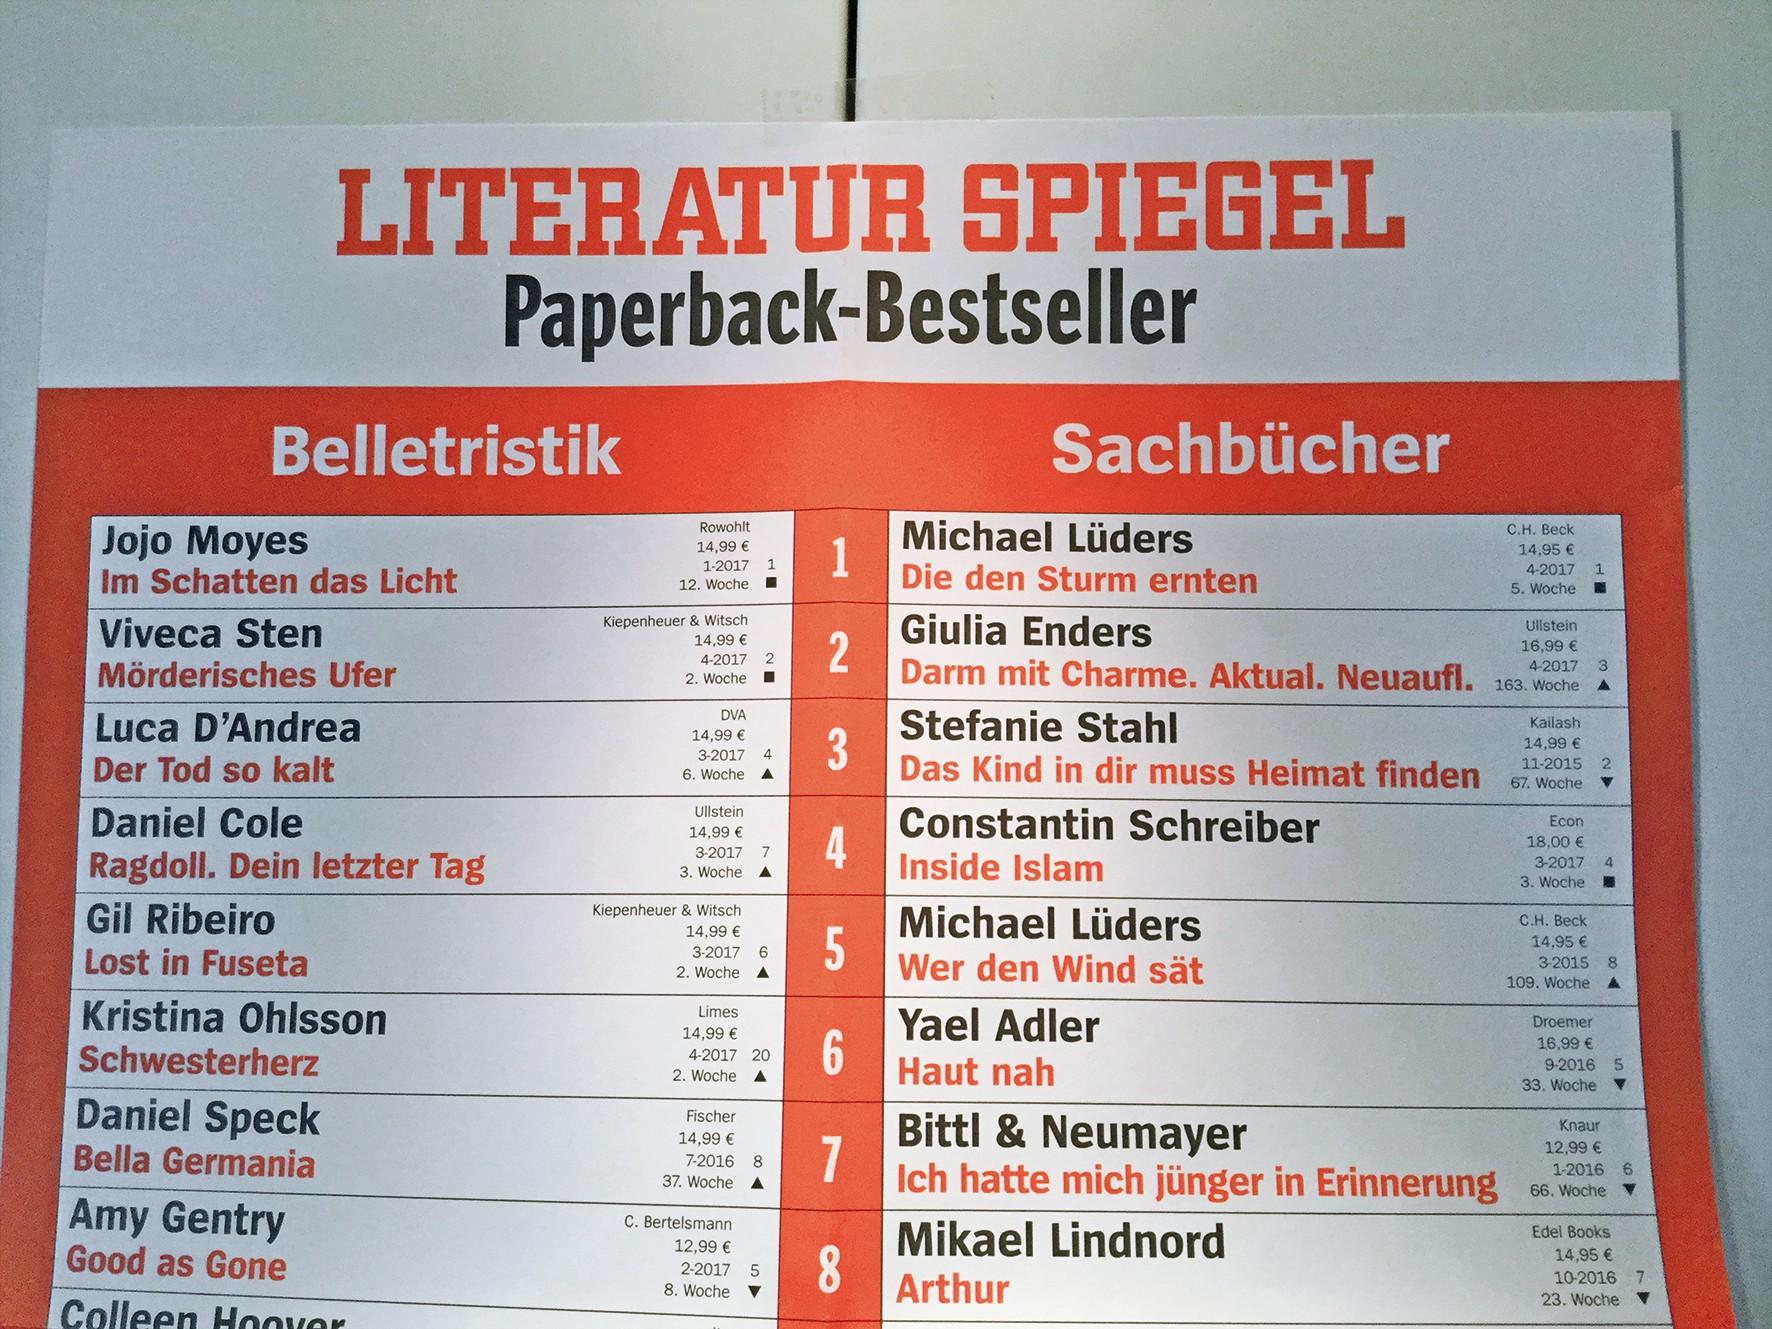 Panoramaschwenk ber den publikumsmarkt fantasy welle for Spiegel jahresbestseller 2017